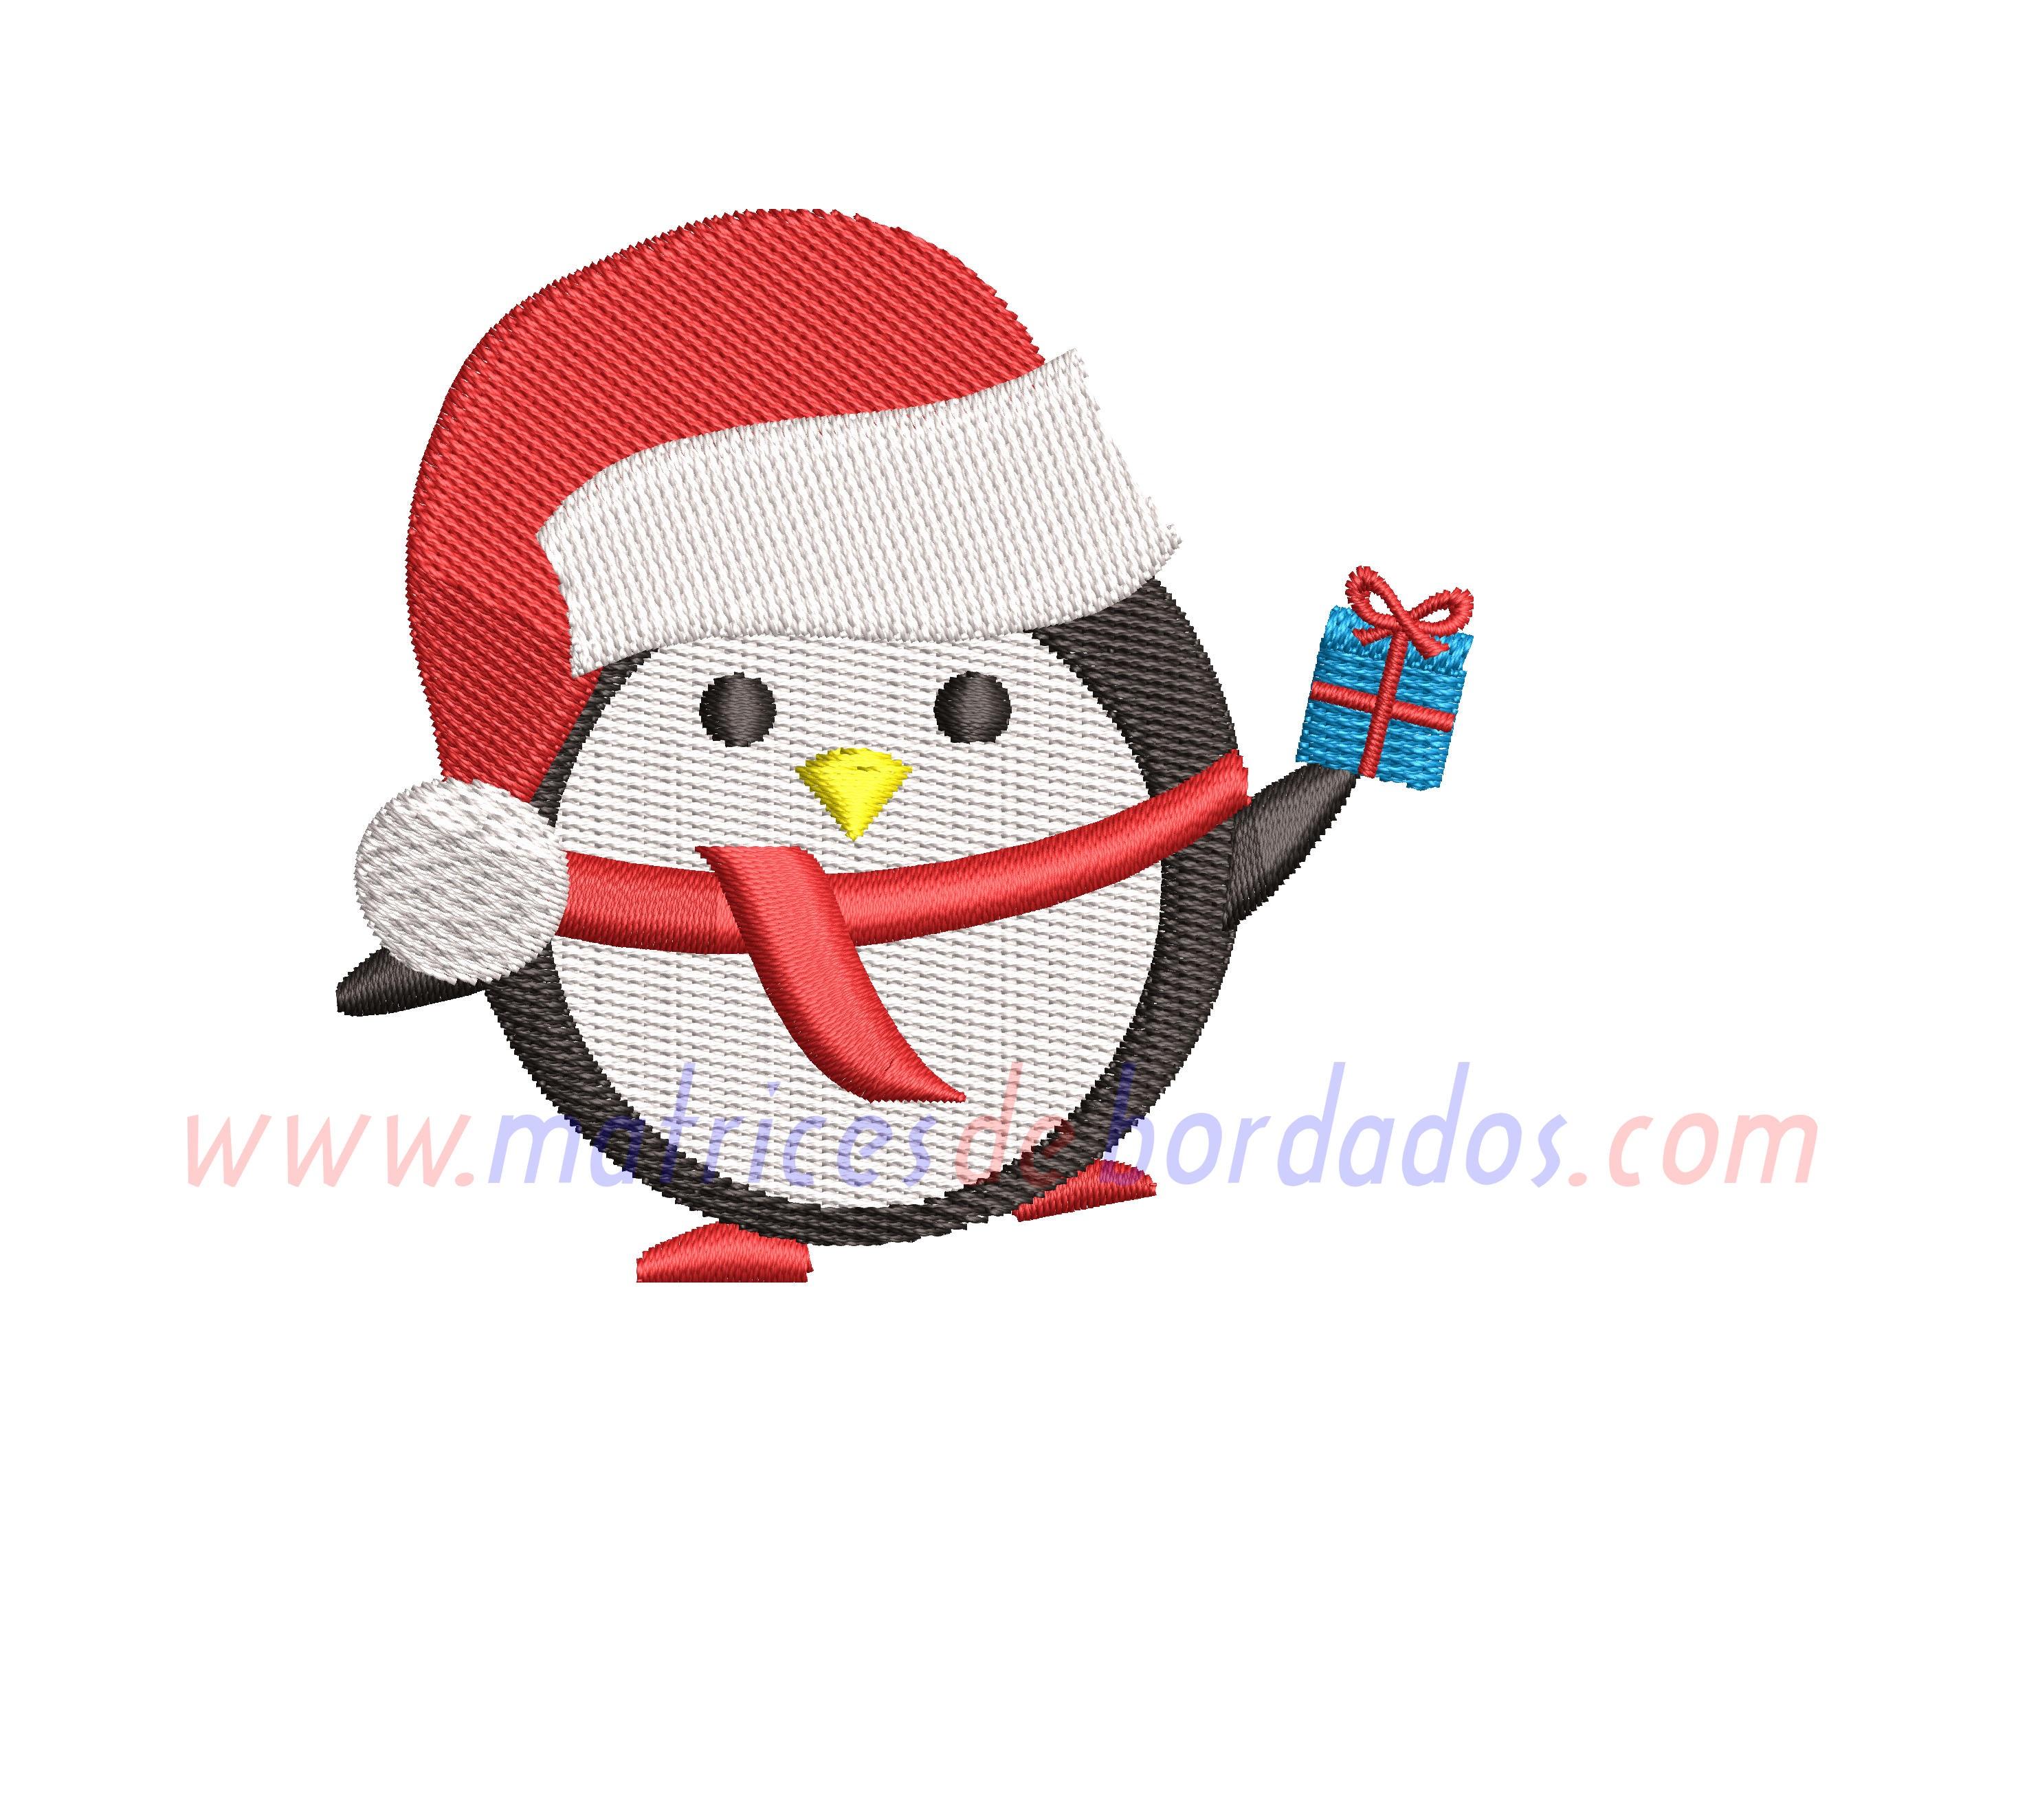 XQ33YY - Hoshi Navidad